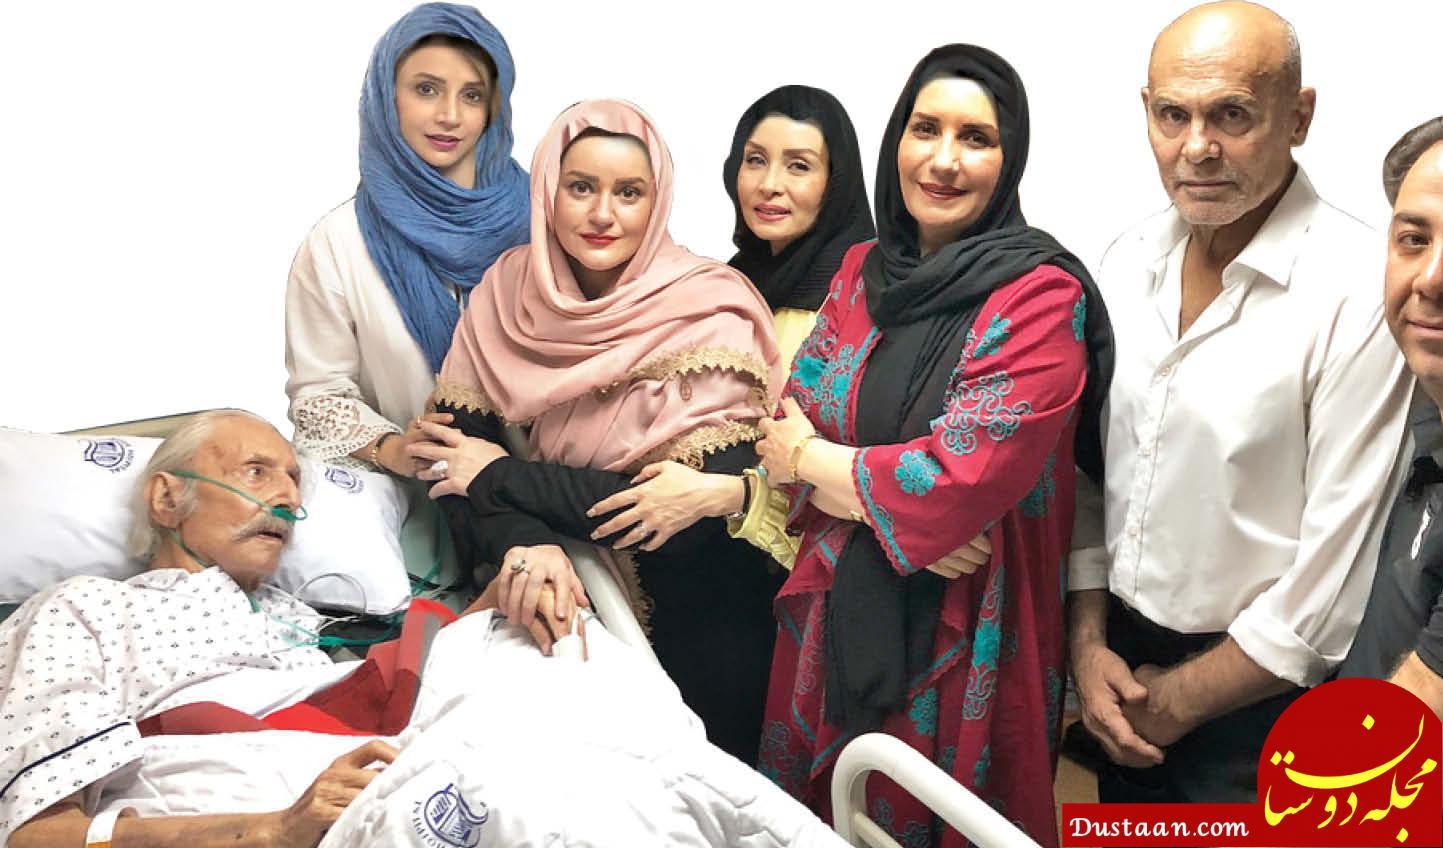 www.dustaan.com سندروم عباس جدیدی!؟ +عکس